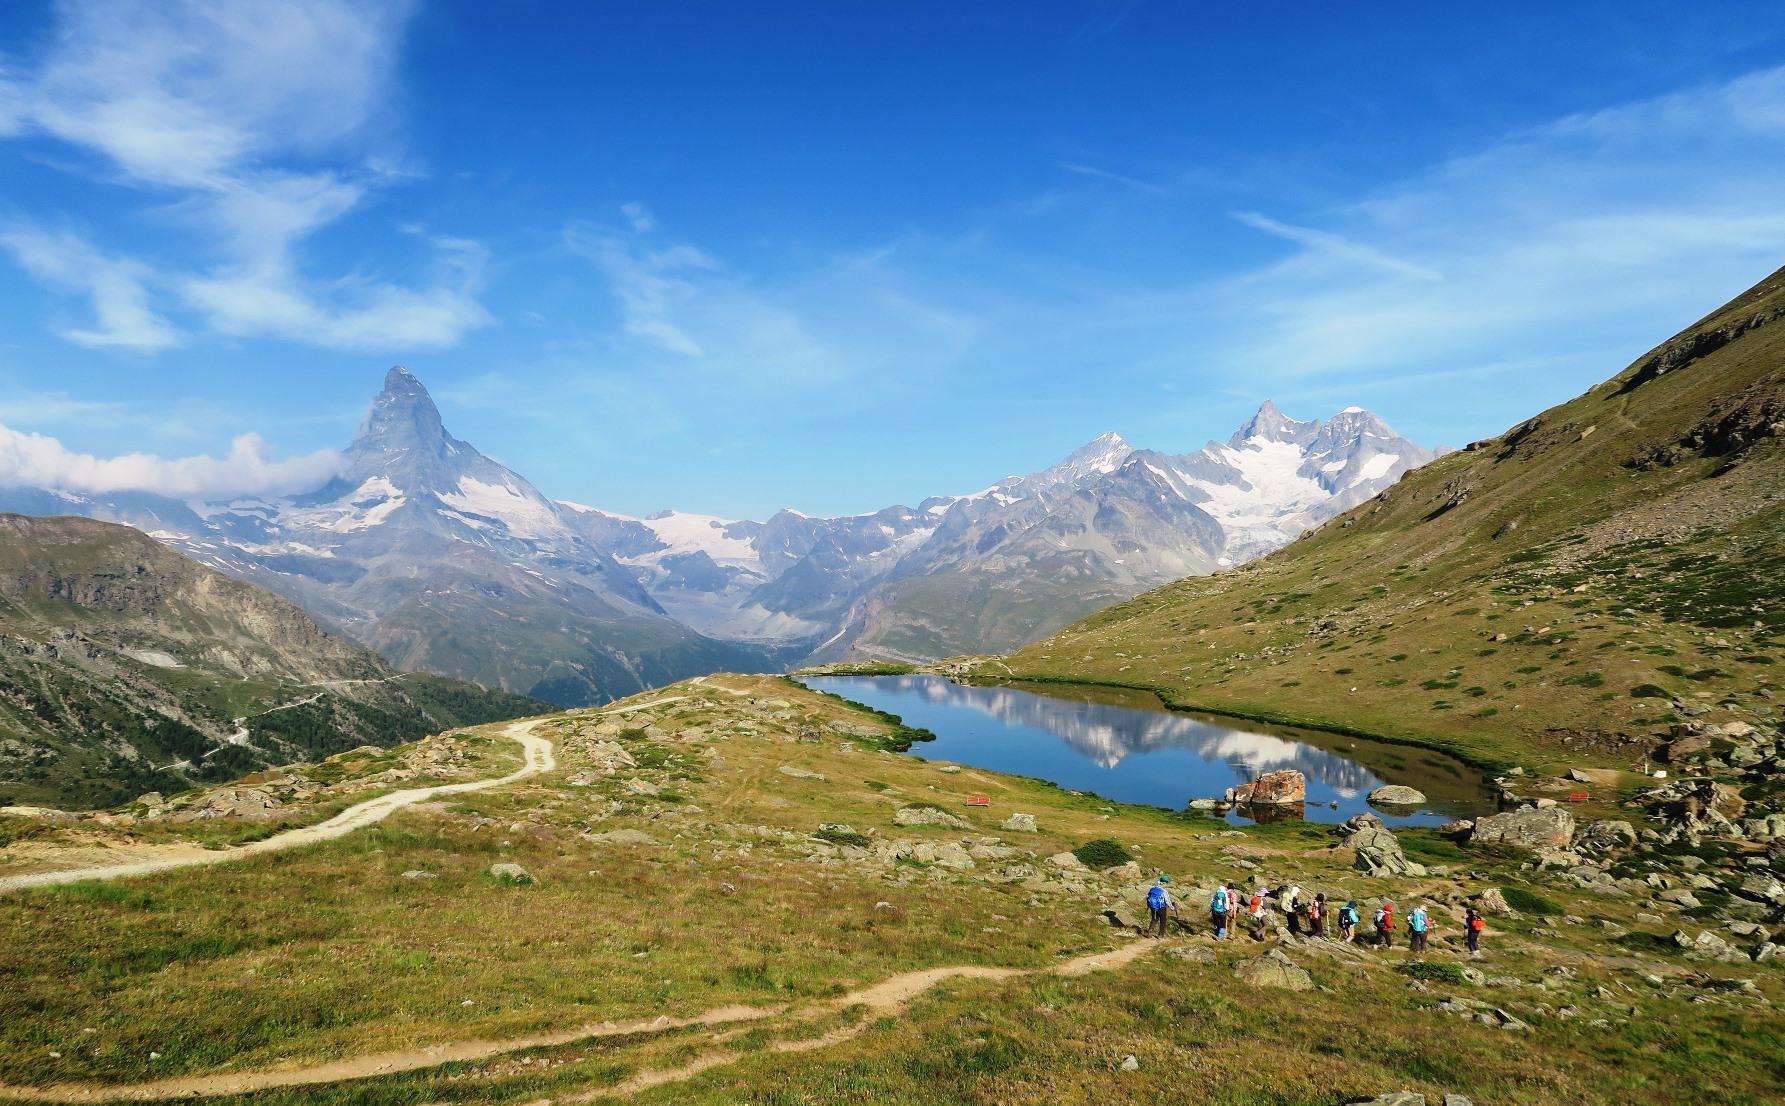 スイス絶景の2つの山小屋トレッキング  8日間